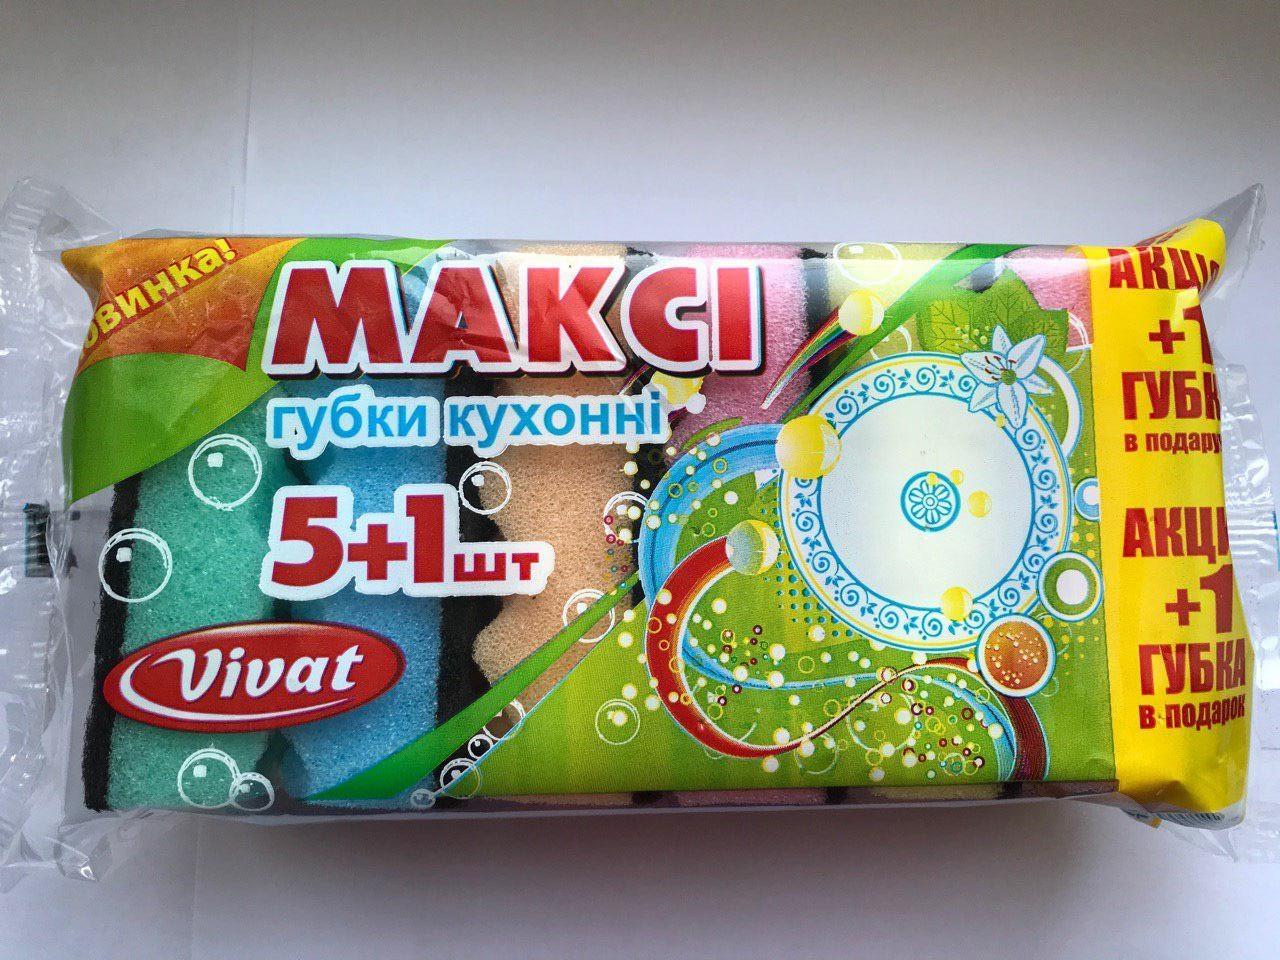 """Губка-мочалка кухонная 5+1 Максі """"Vivat"""" рифленая поверхность 95*57*30 мм"""